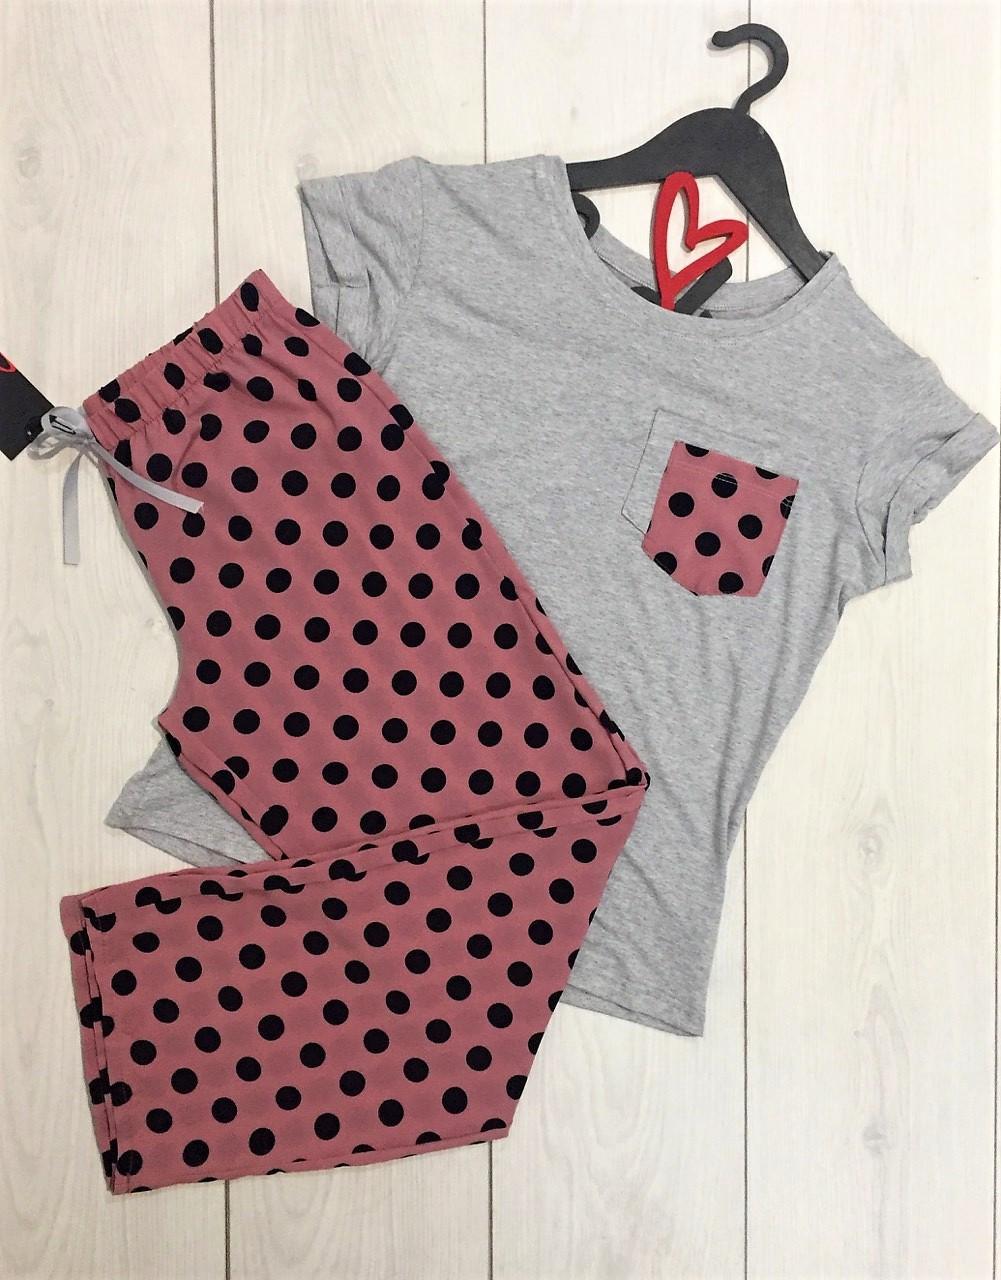 Пижамный комплект штаны и футболка 008, молодежные пижамы.